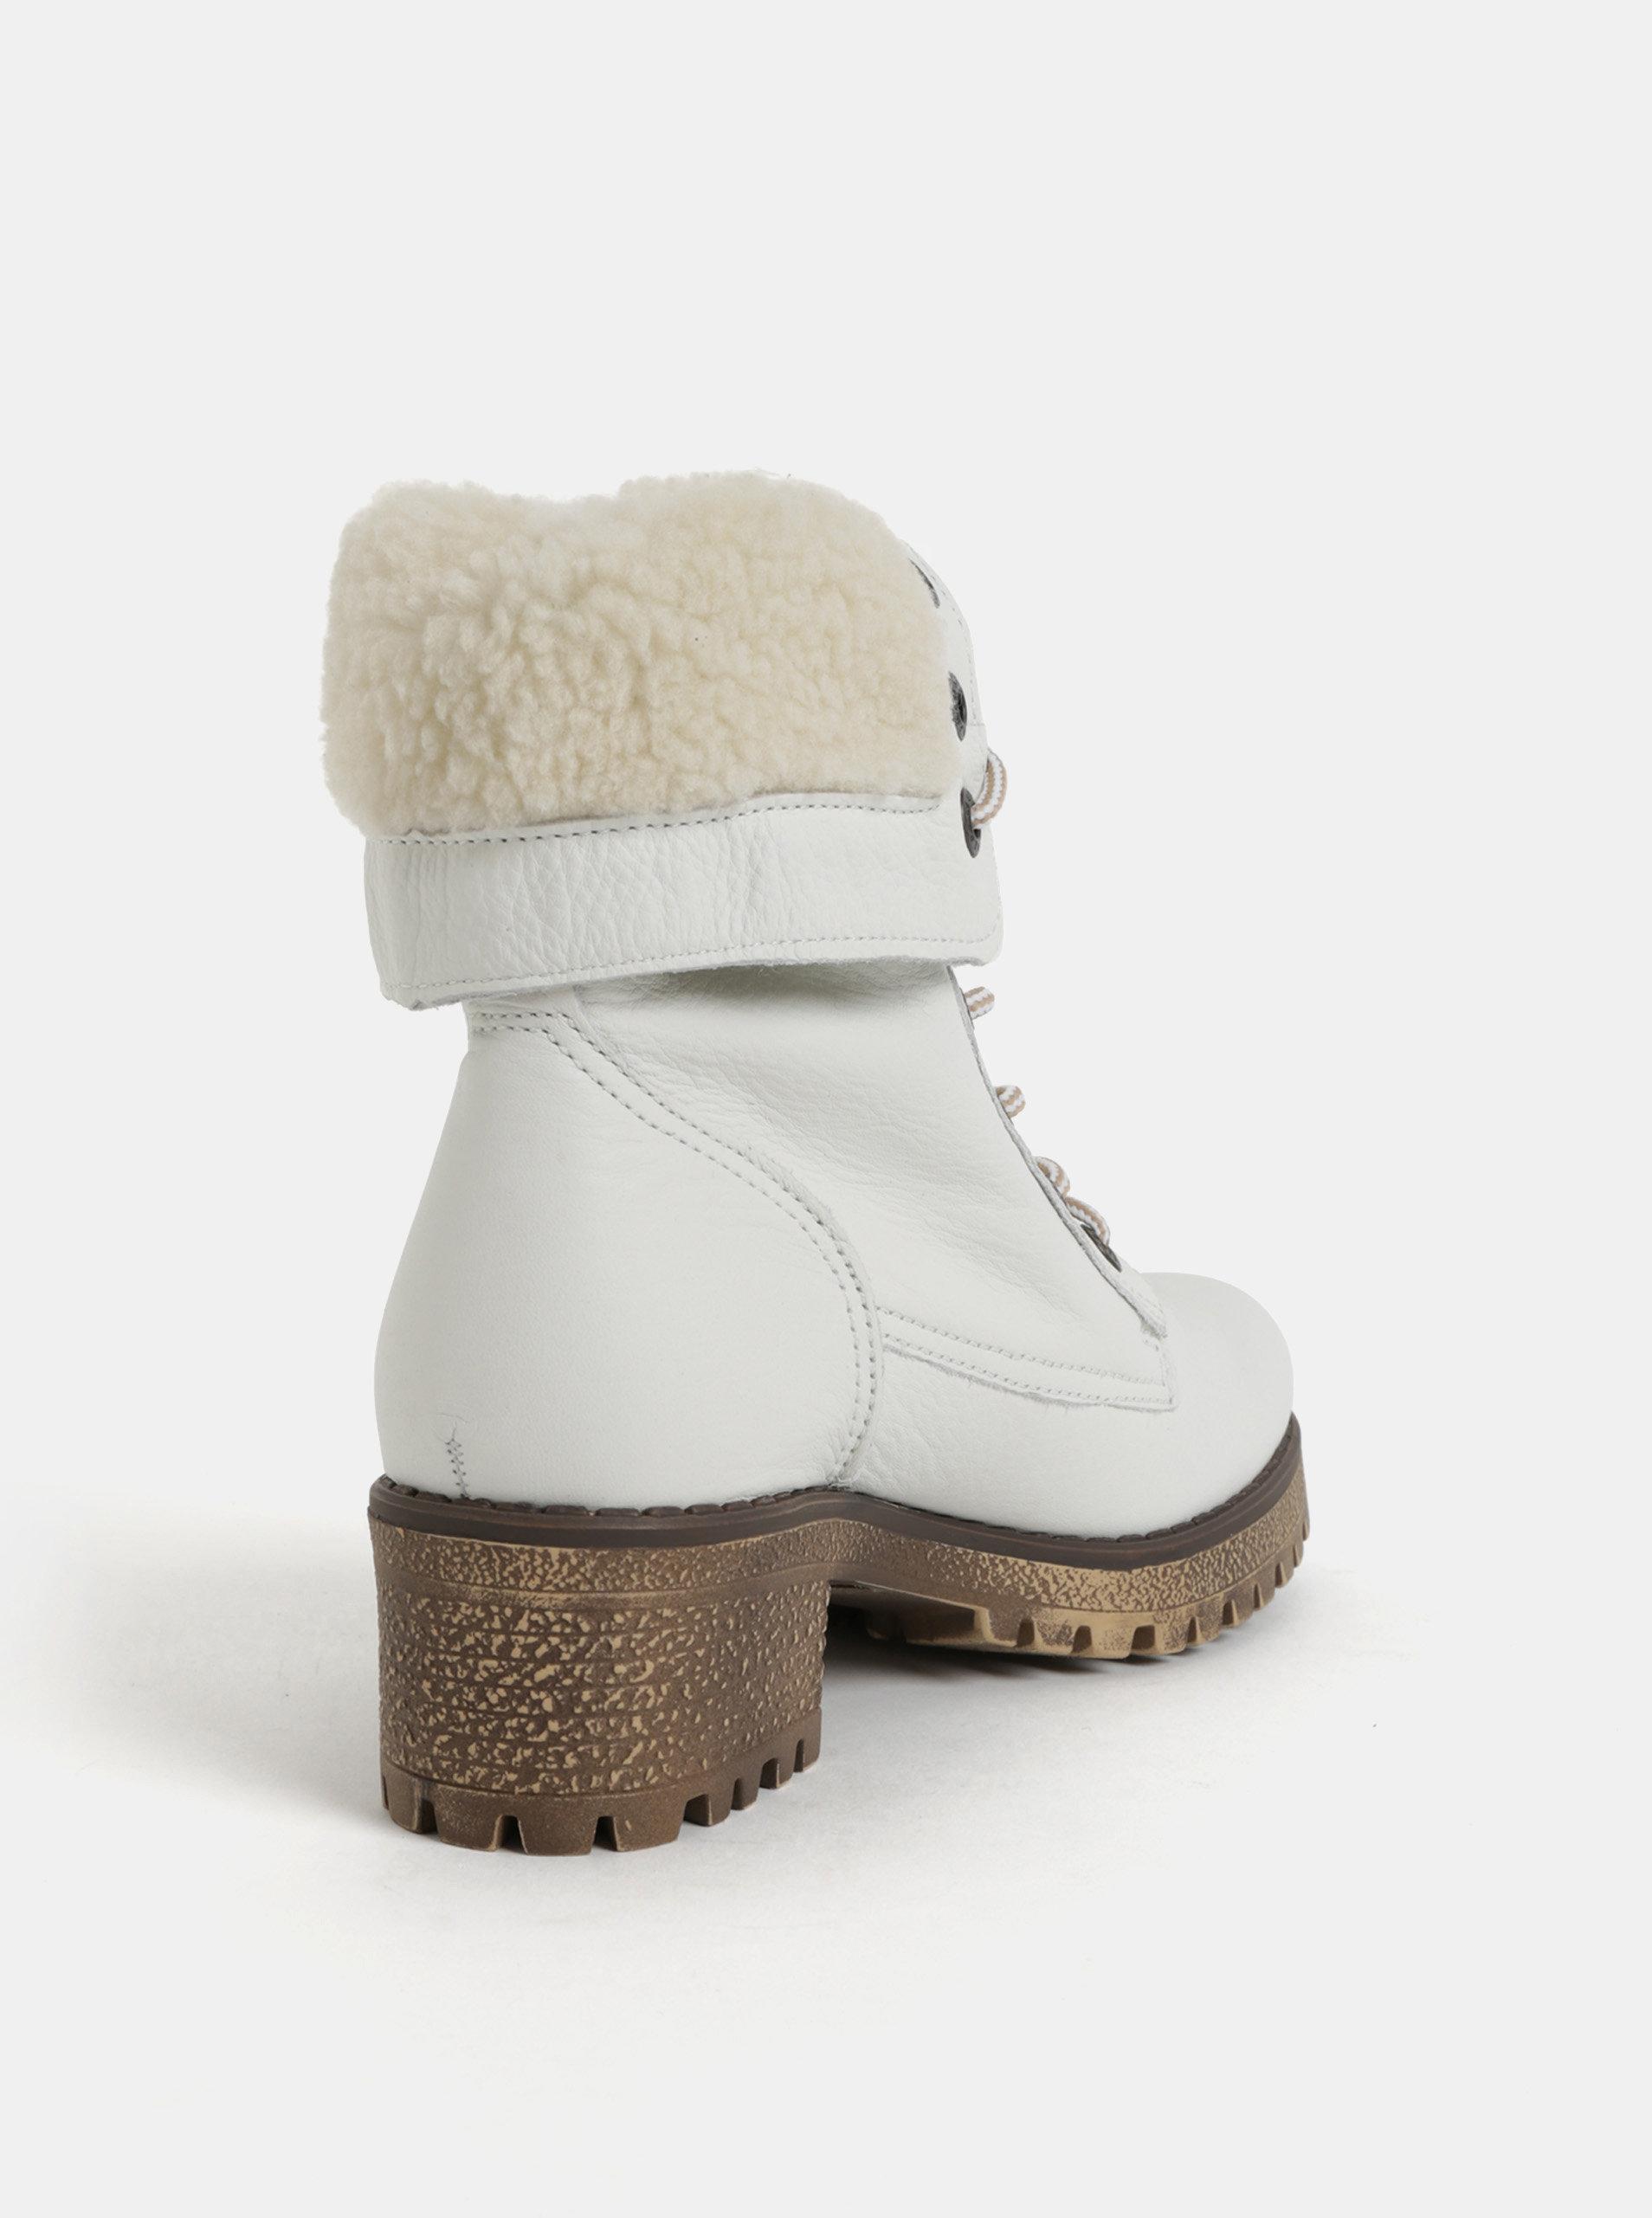 Biele dámske kožené členkové zimné topánky na podpätku Weinbrenner ... e195c680629